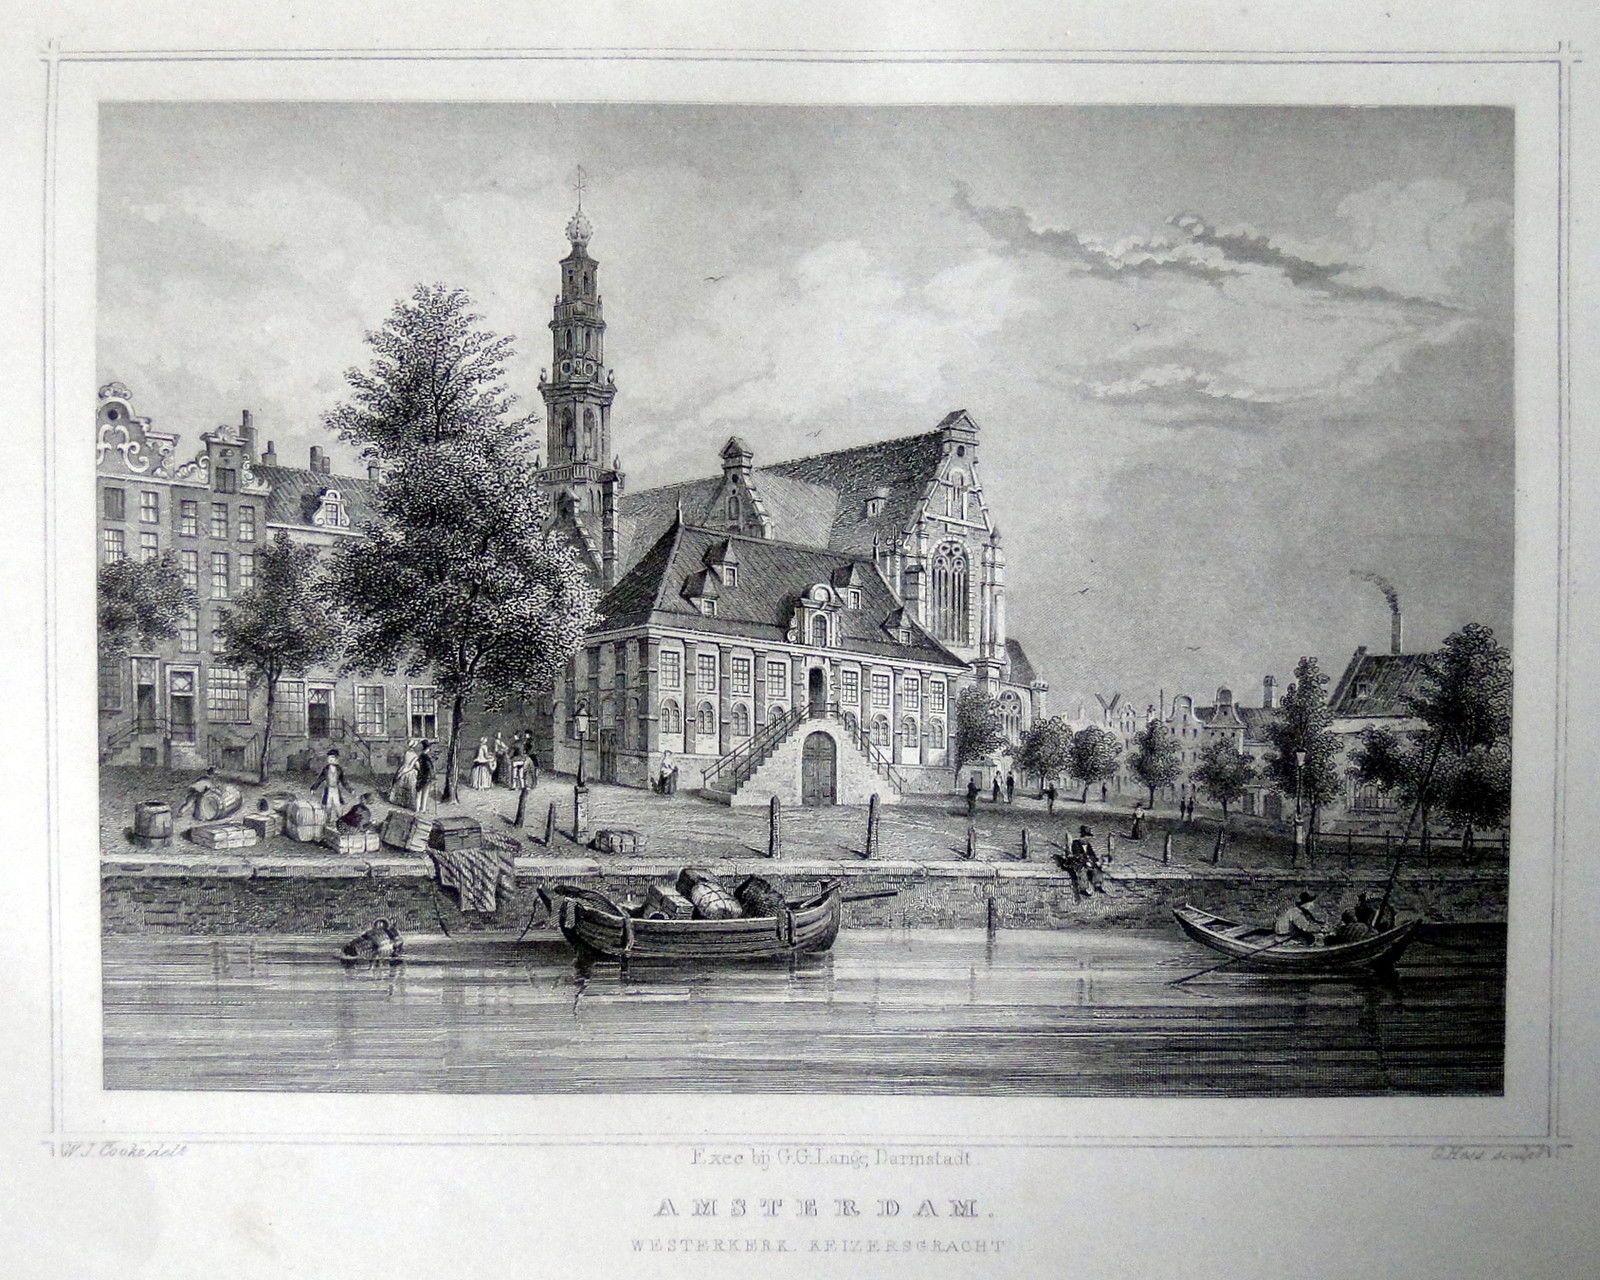 Amsterdam-Westerkerk Keizersgracht | Herkomst : J.L. Terwen - Het Koningrijk der Nederlanden, afm. 14 x 20 cm Staalgravure 1860